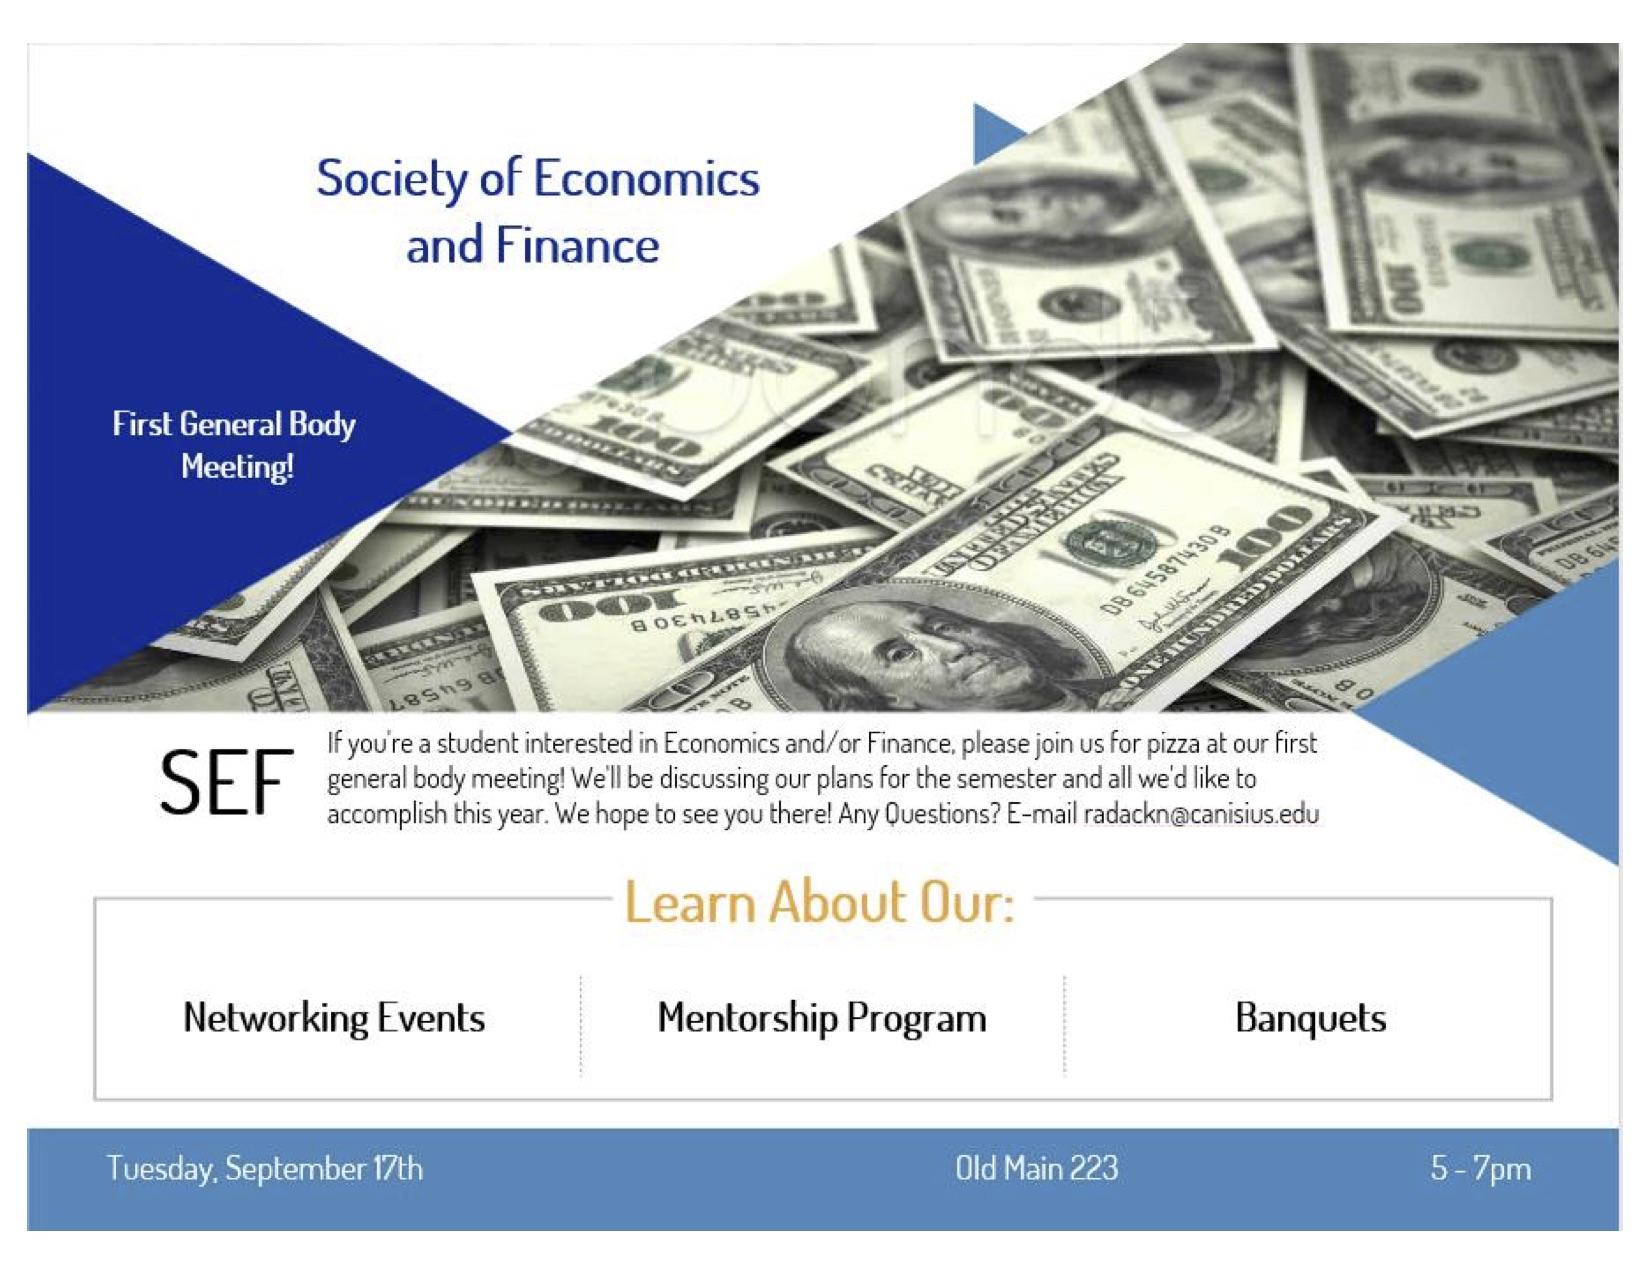 SEF Meeting Flyer 2.jpg